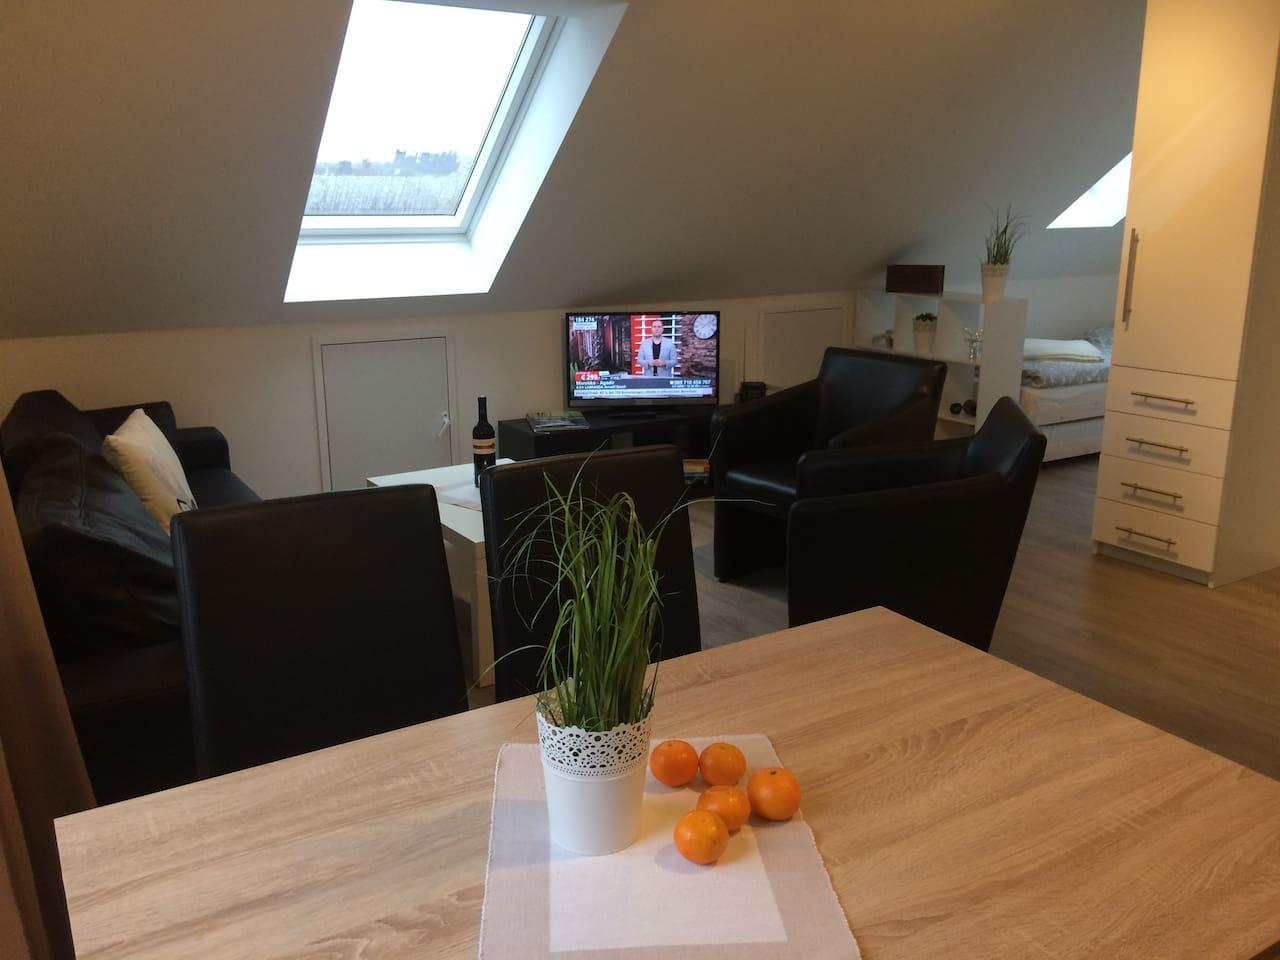 Gemütlichkeit im Dachgeschoss auf ca. 65 m² alles vorhanden - Bad, Küche, Essbereich, Wohnzimmer und Schlafzimmer